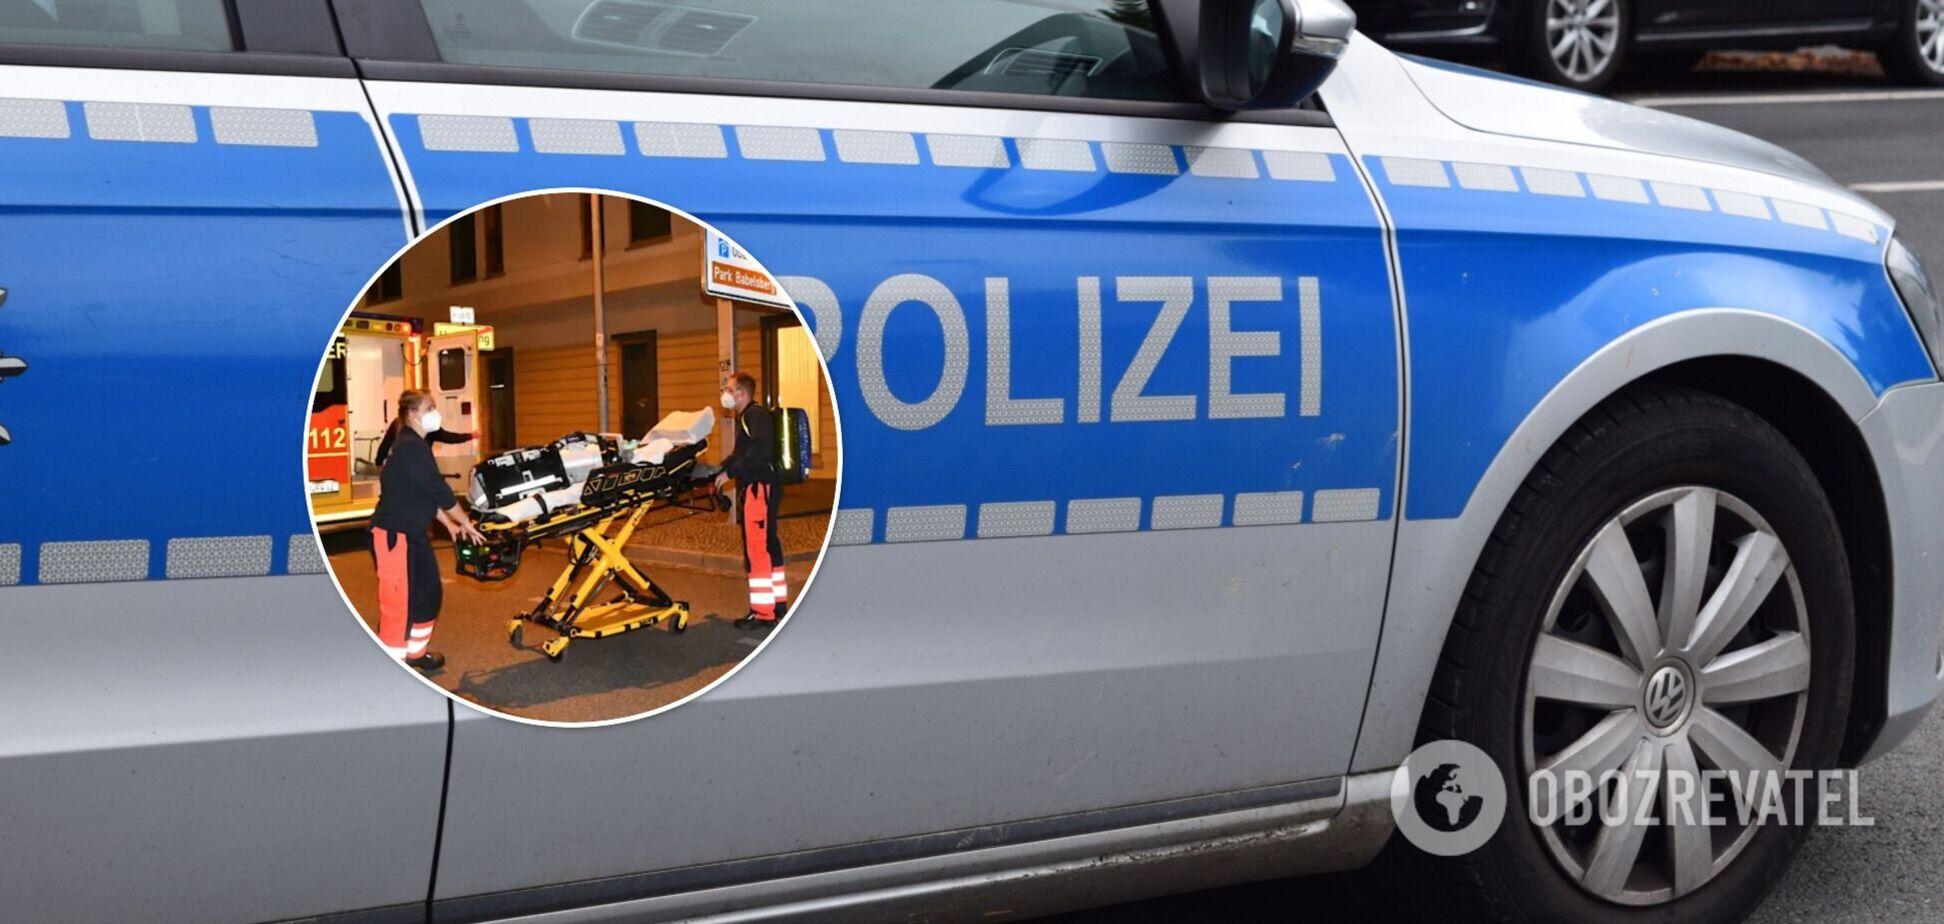 Різанину в німецькій лікарні влаштувала асистентка медсестри: ЗМІ дізналися деталі масового вбивства